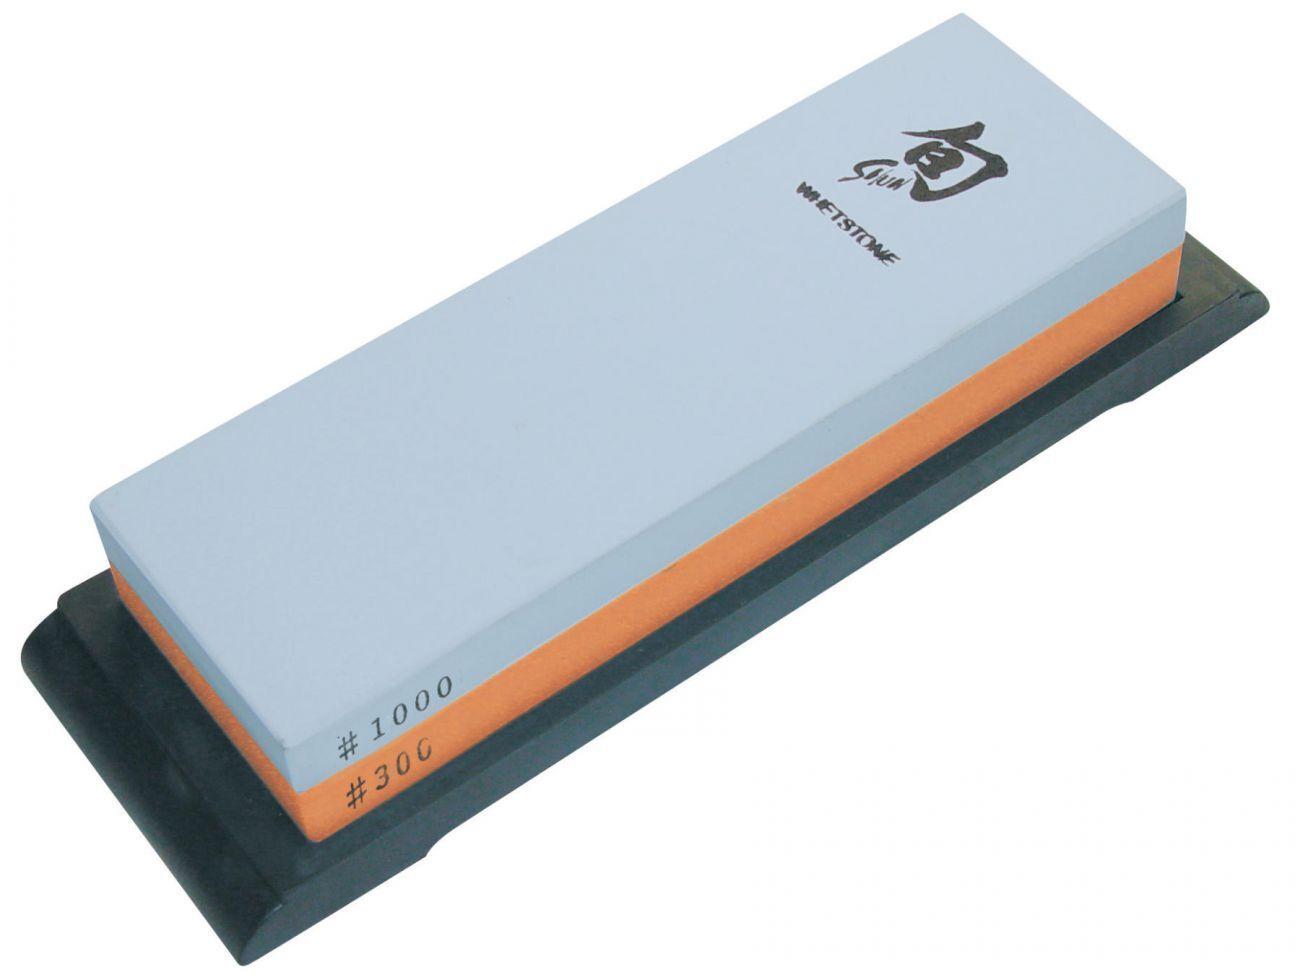 KAI DM-0708 Kombinations Schleifstein Wetzstein Körnung 300 1000 Halterung